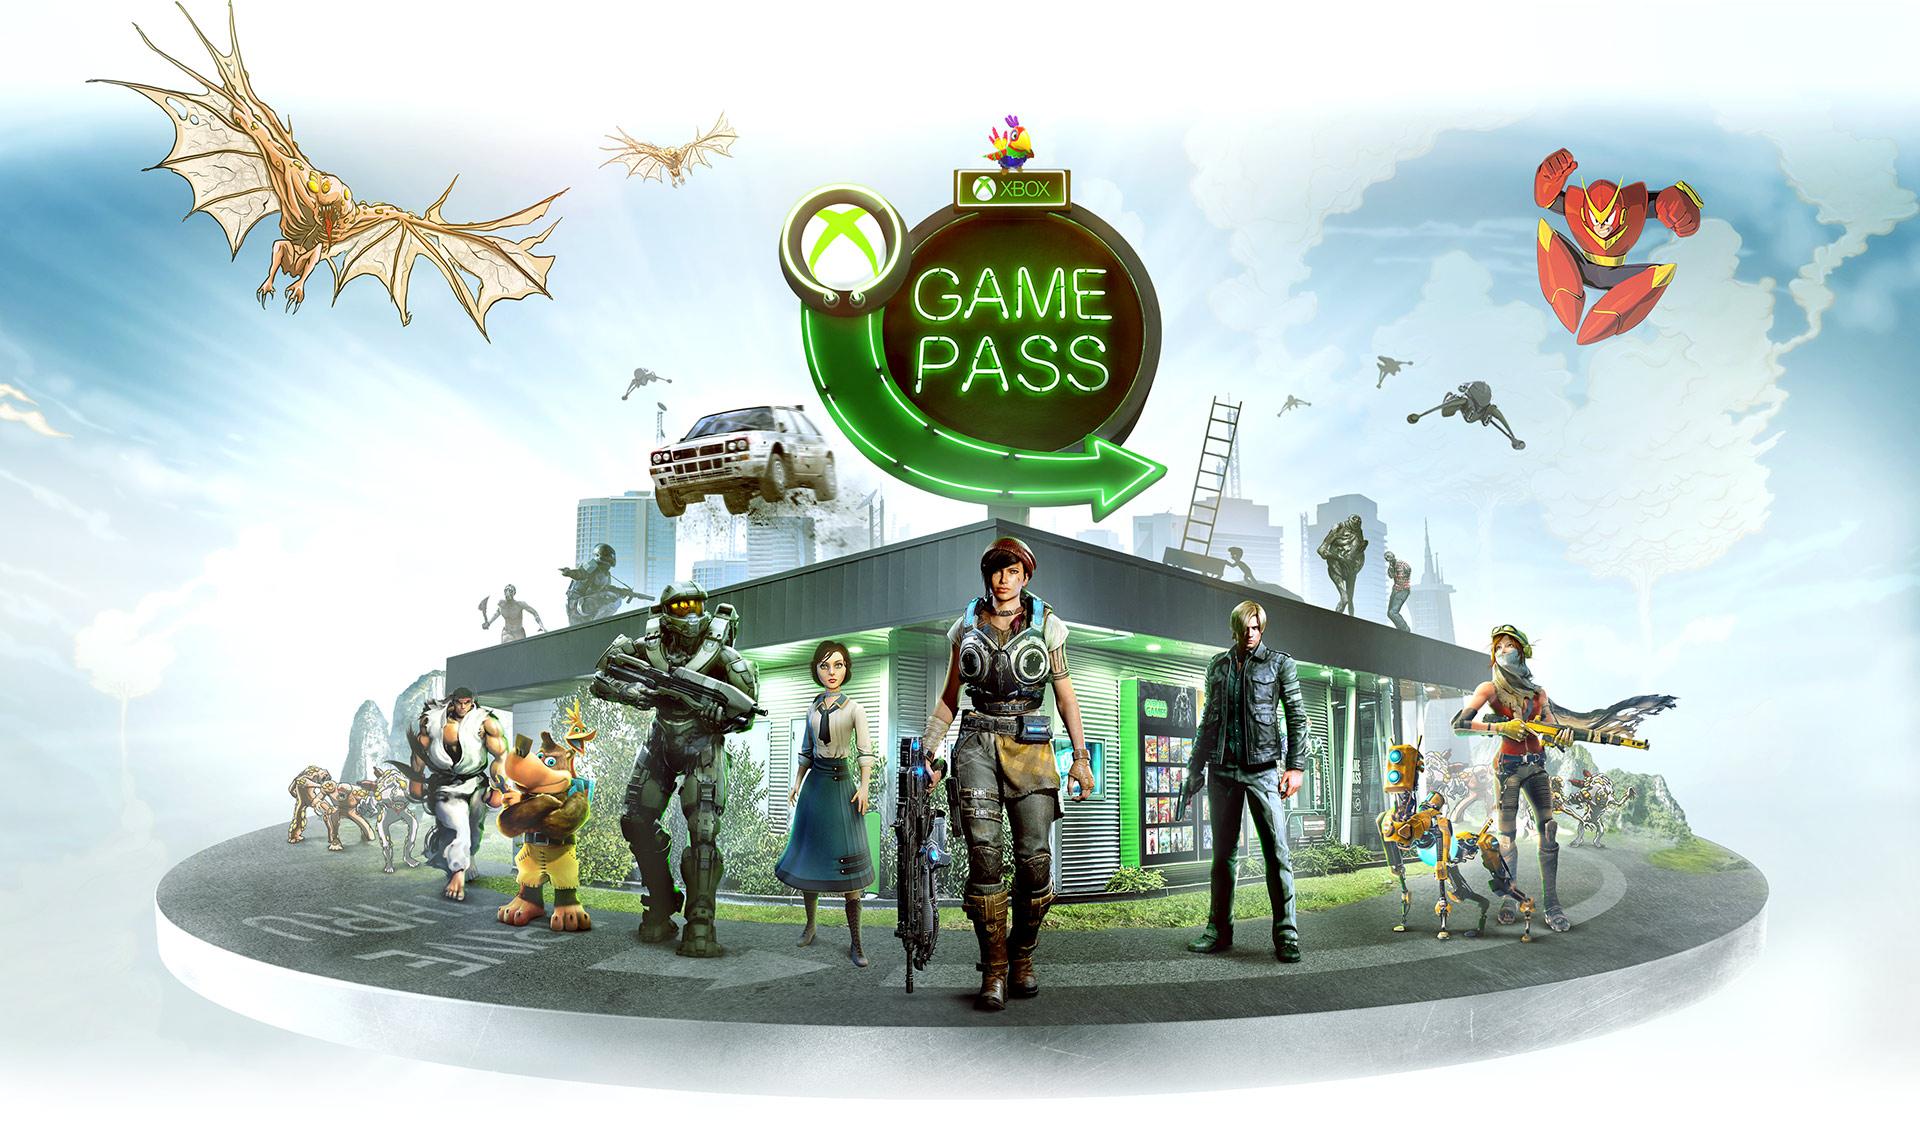 Grupo de personajes de juegos de Xbox alrededor de una tienda de juegos